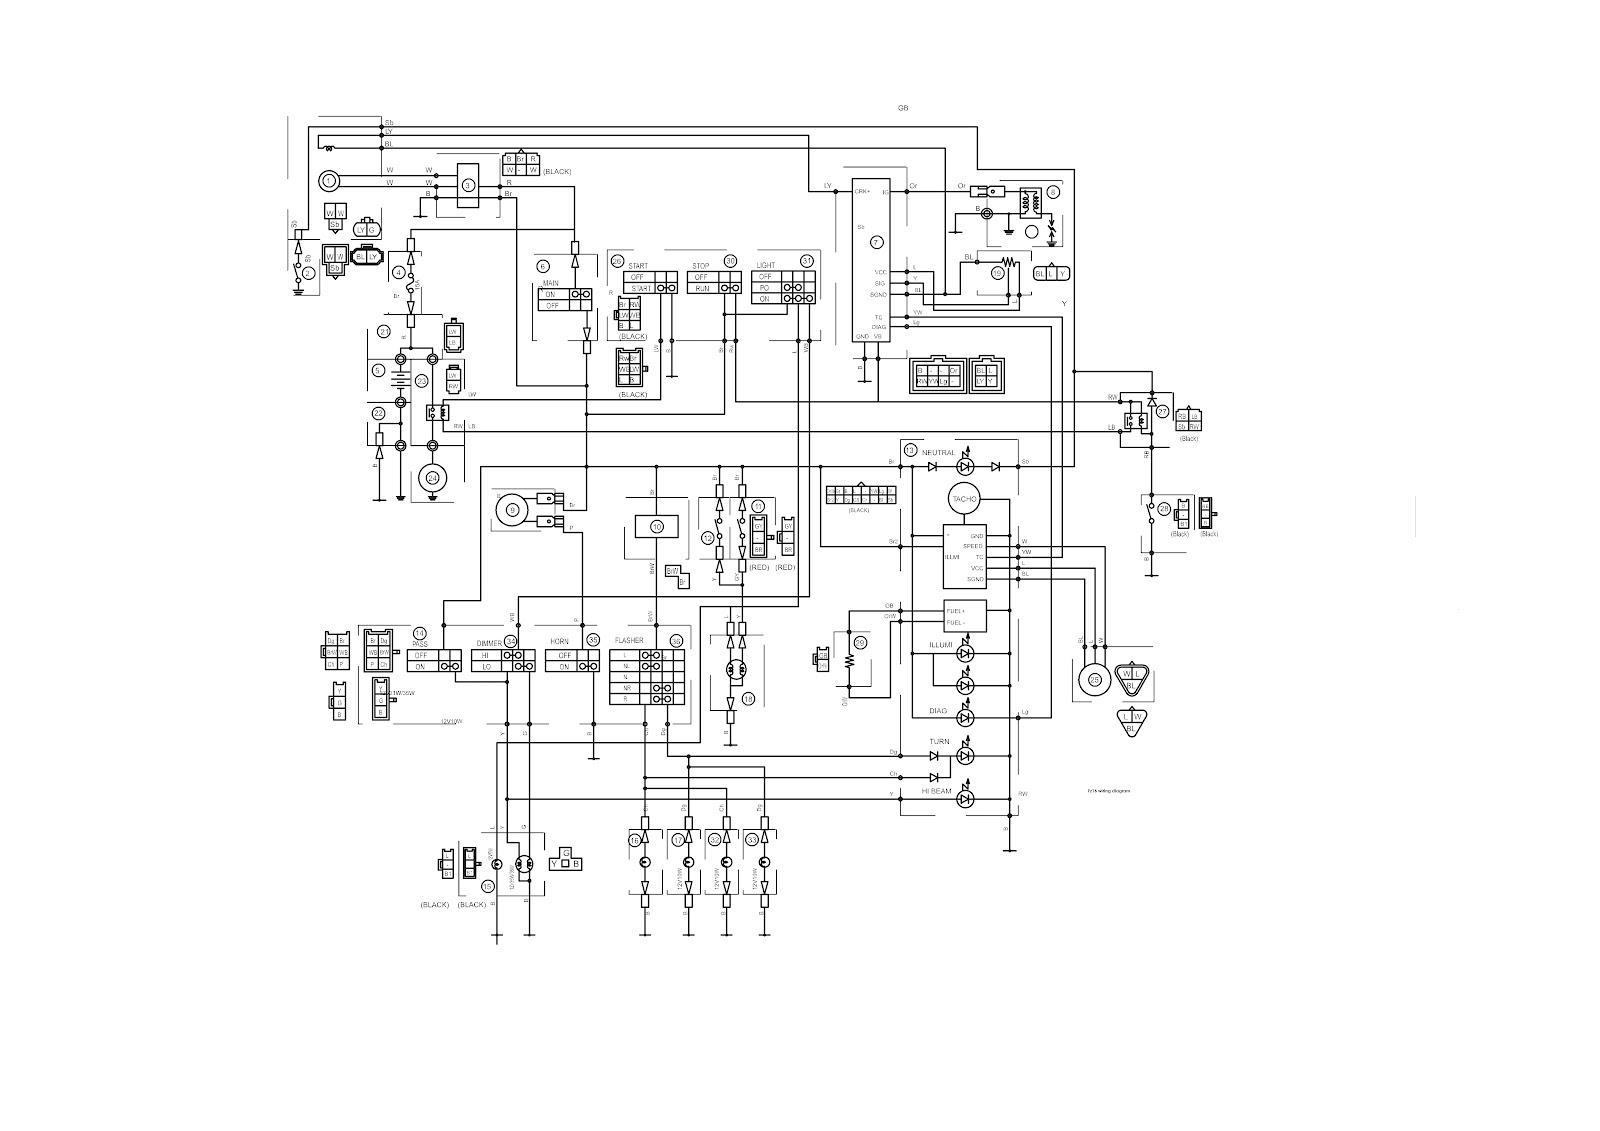 Suzuki Cdi Wiring Diagram - Wire Data